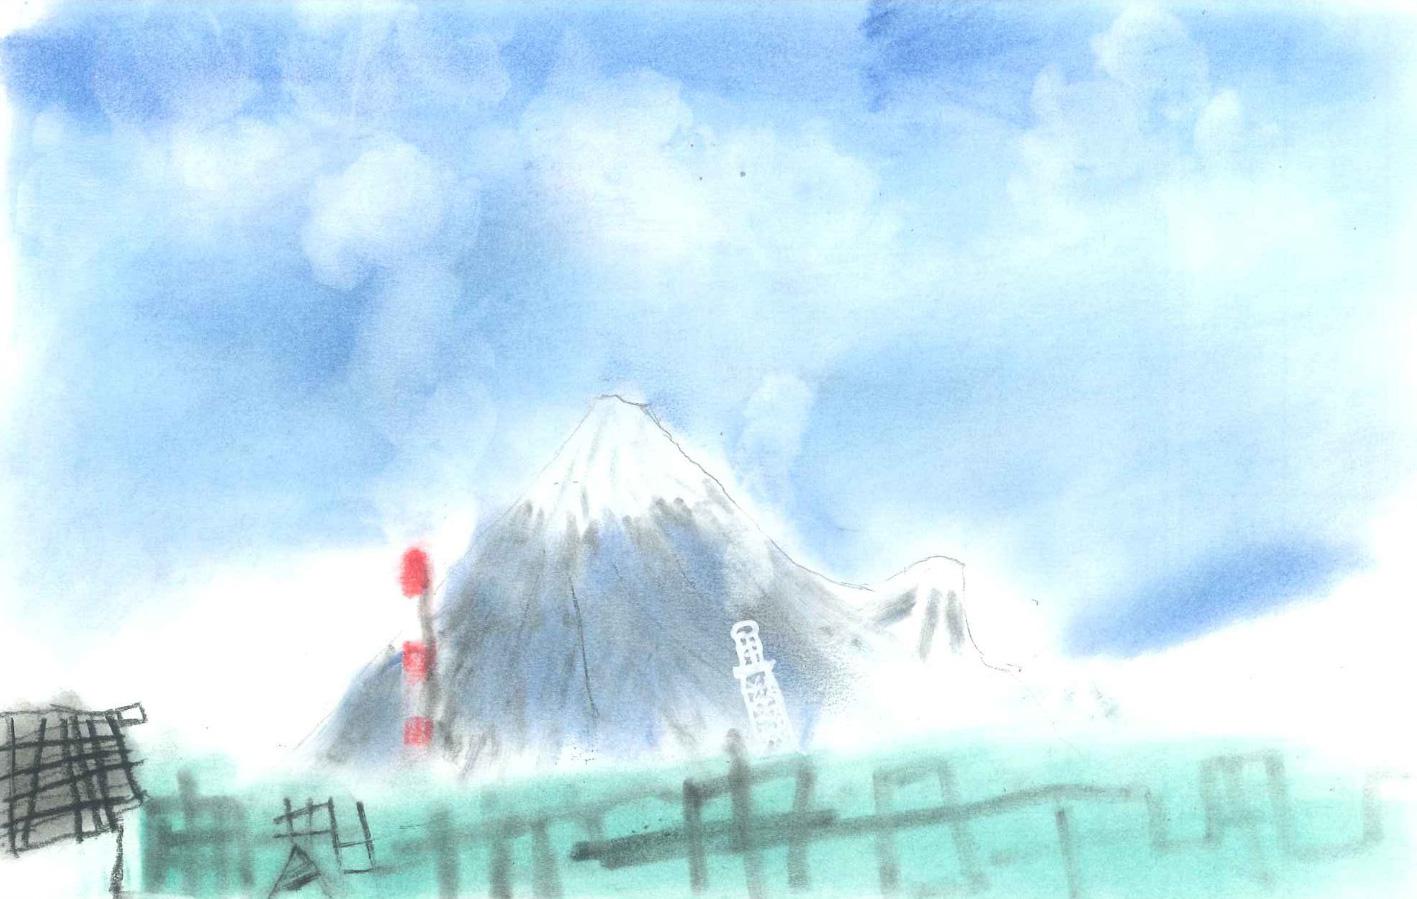 第二回 富士山御蔭祭 富士山の絵画コンクール(小学生の部)